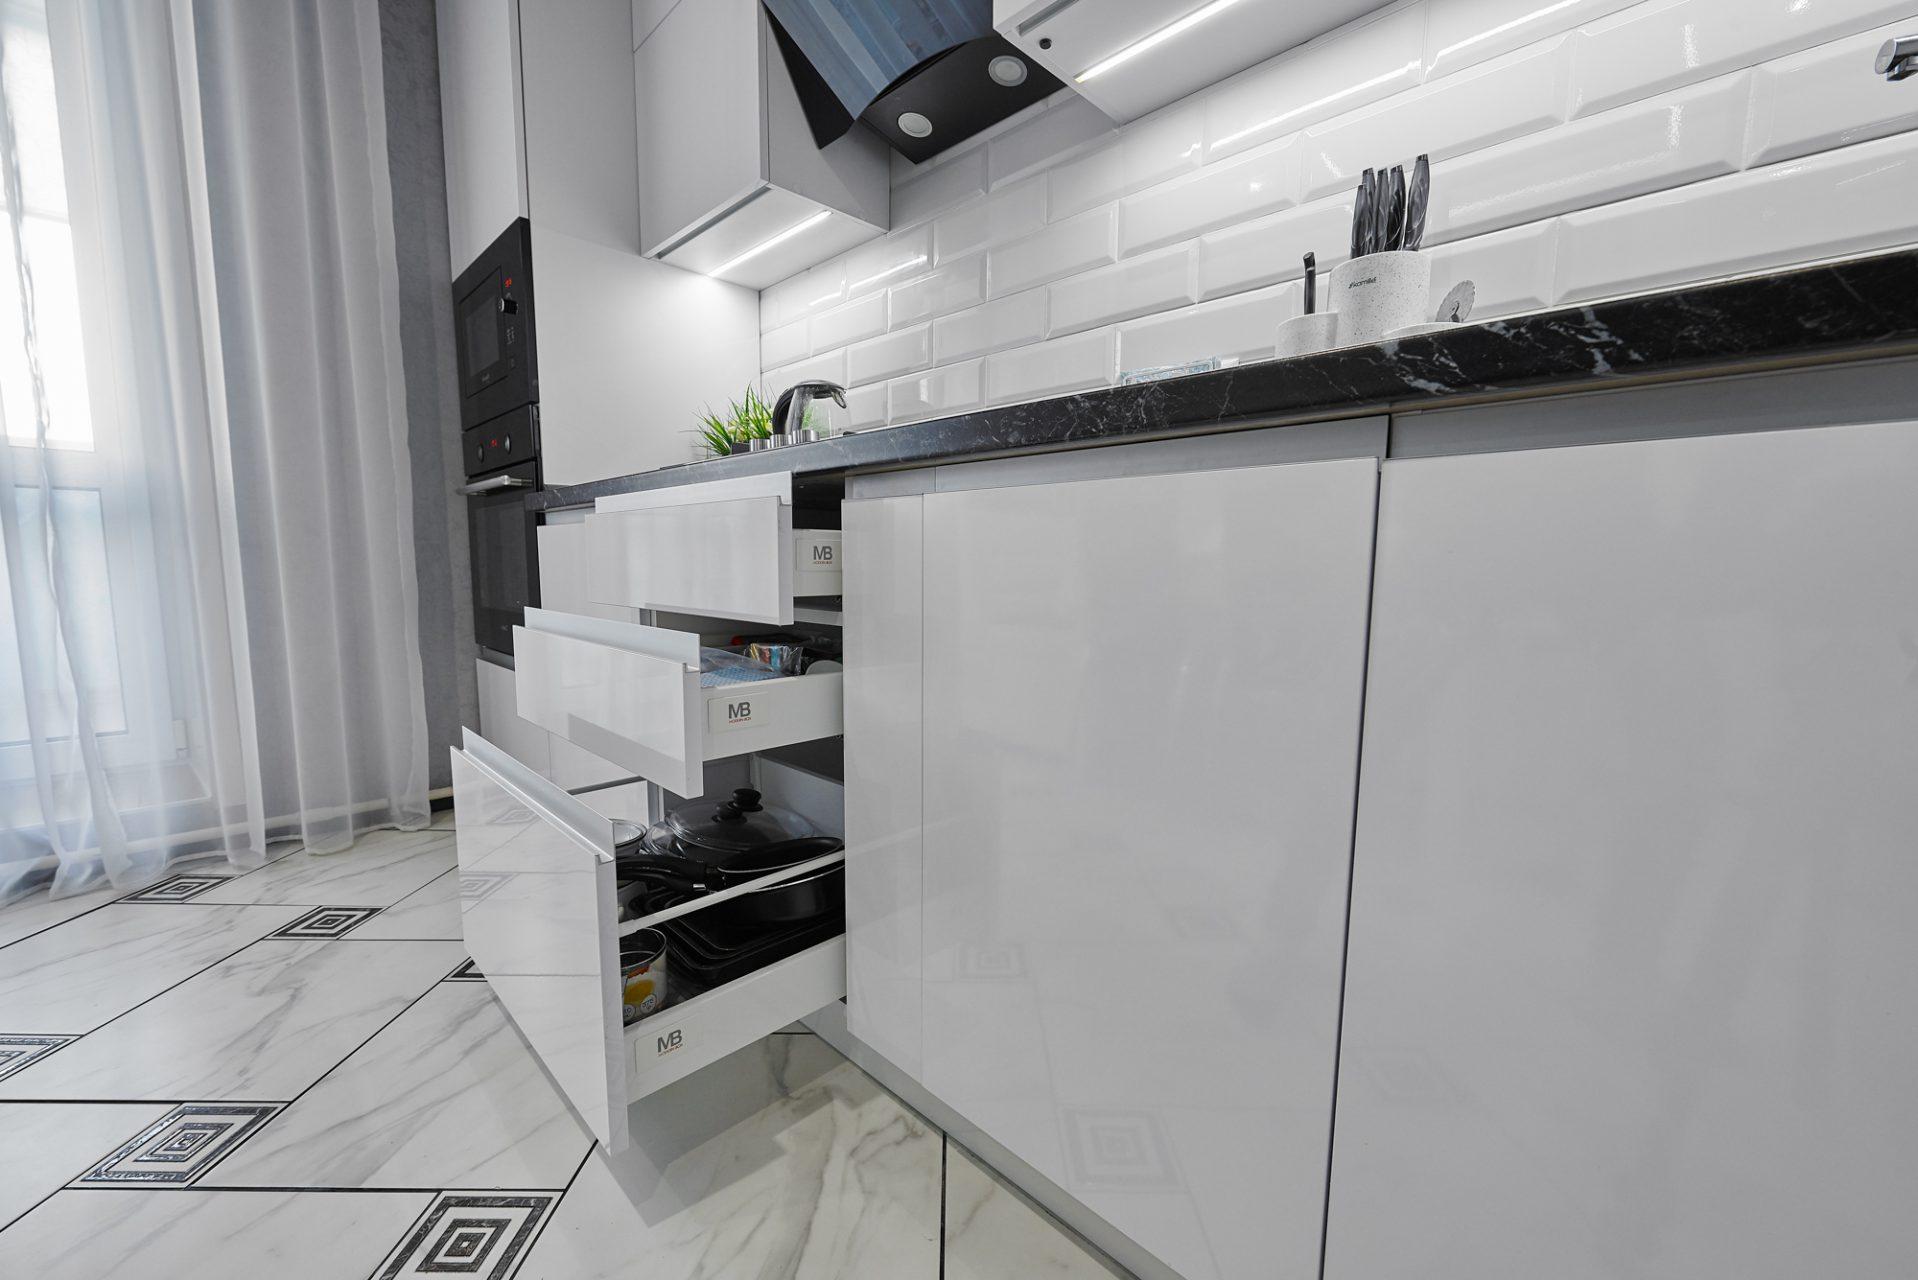 006_interior_kitchen6_korneychikeu